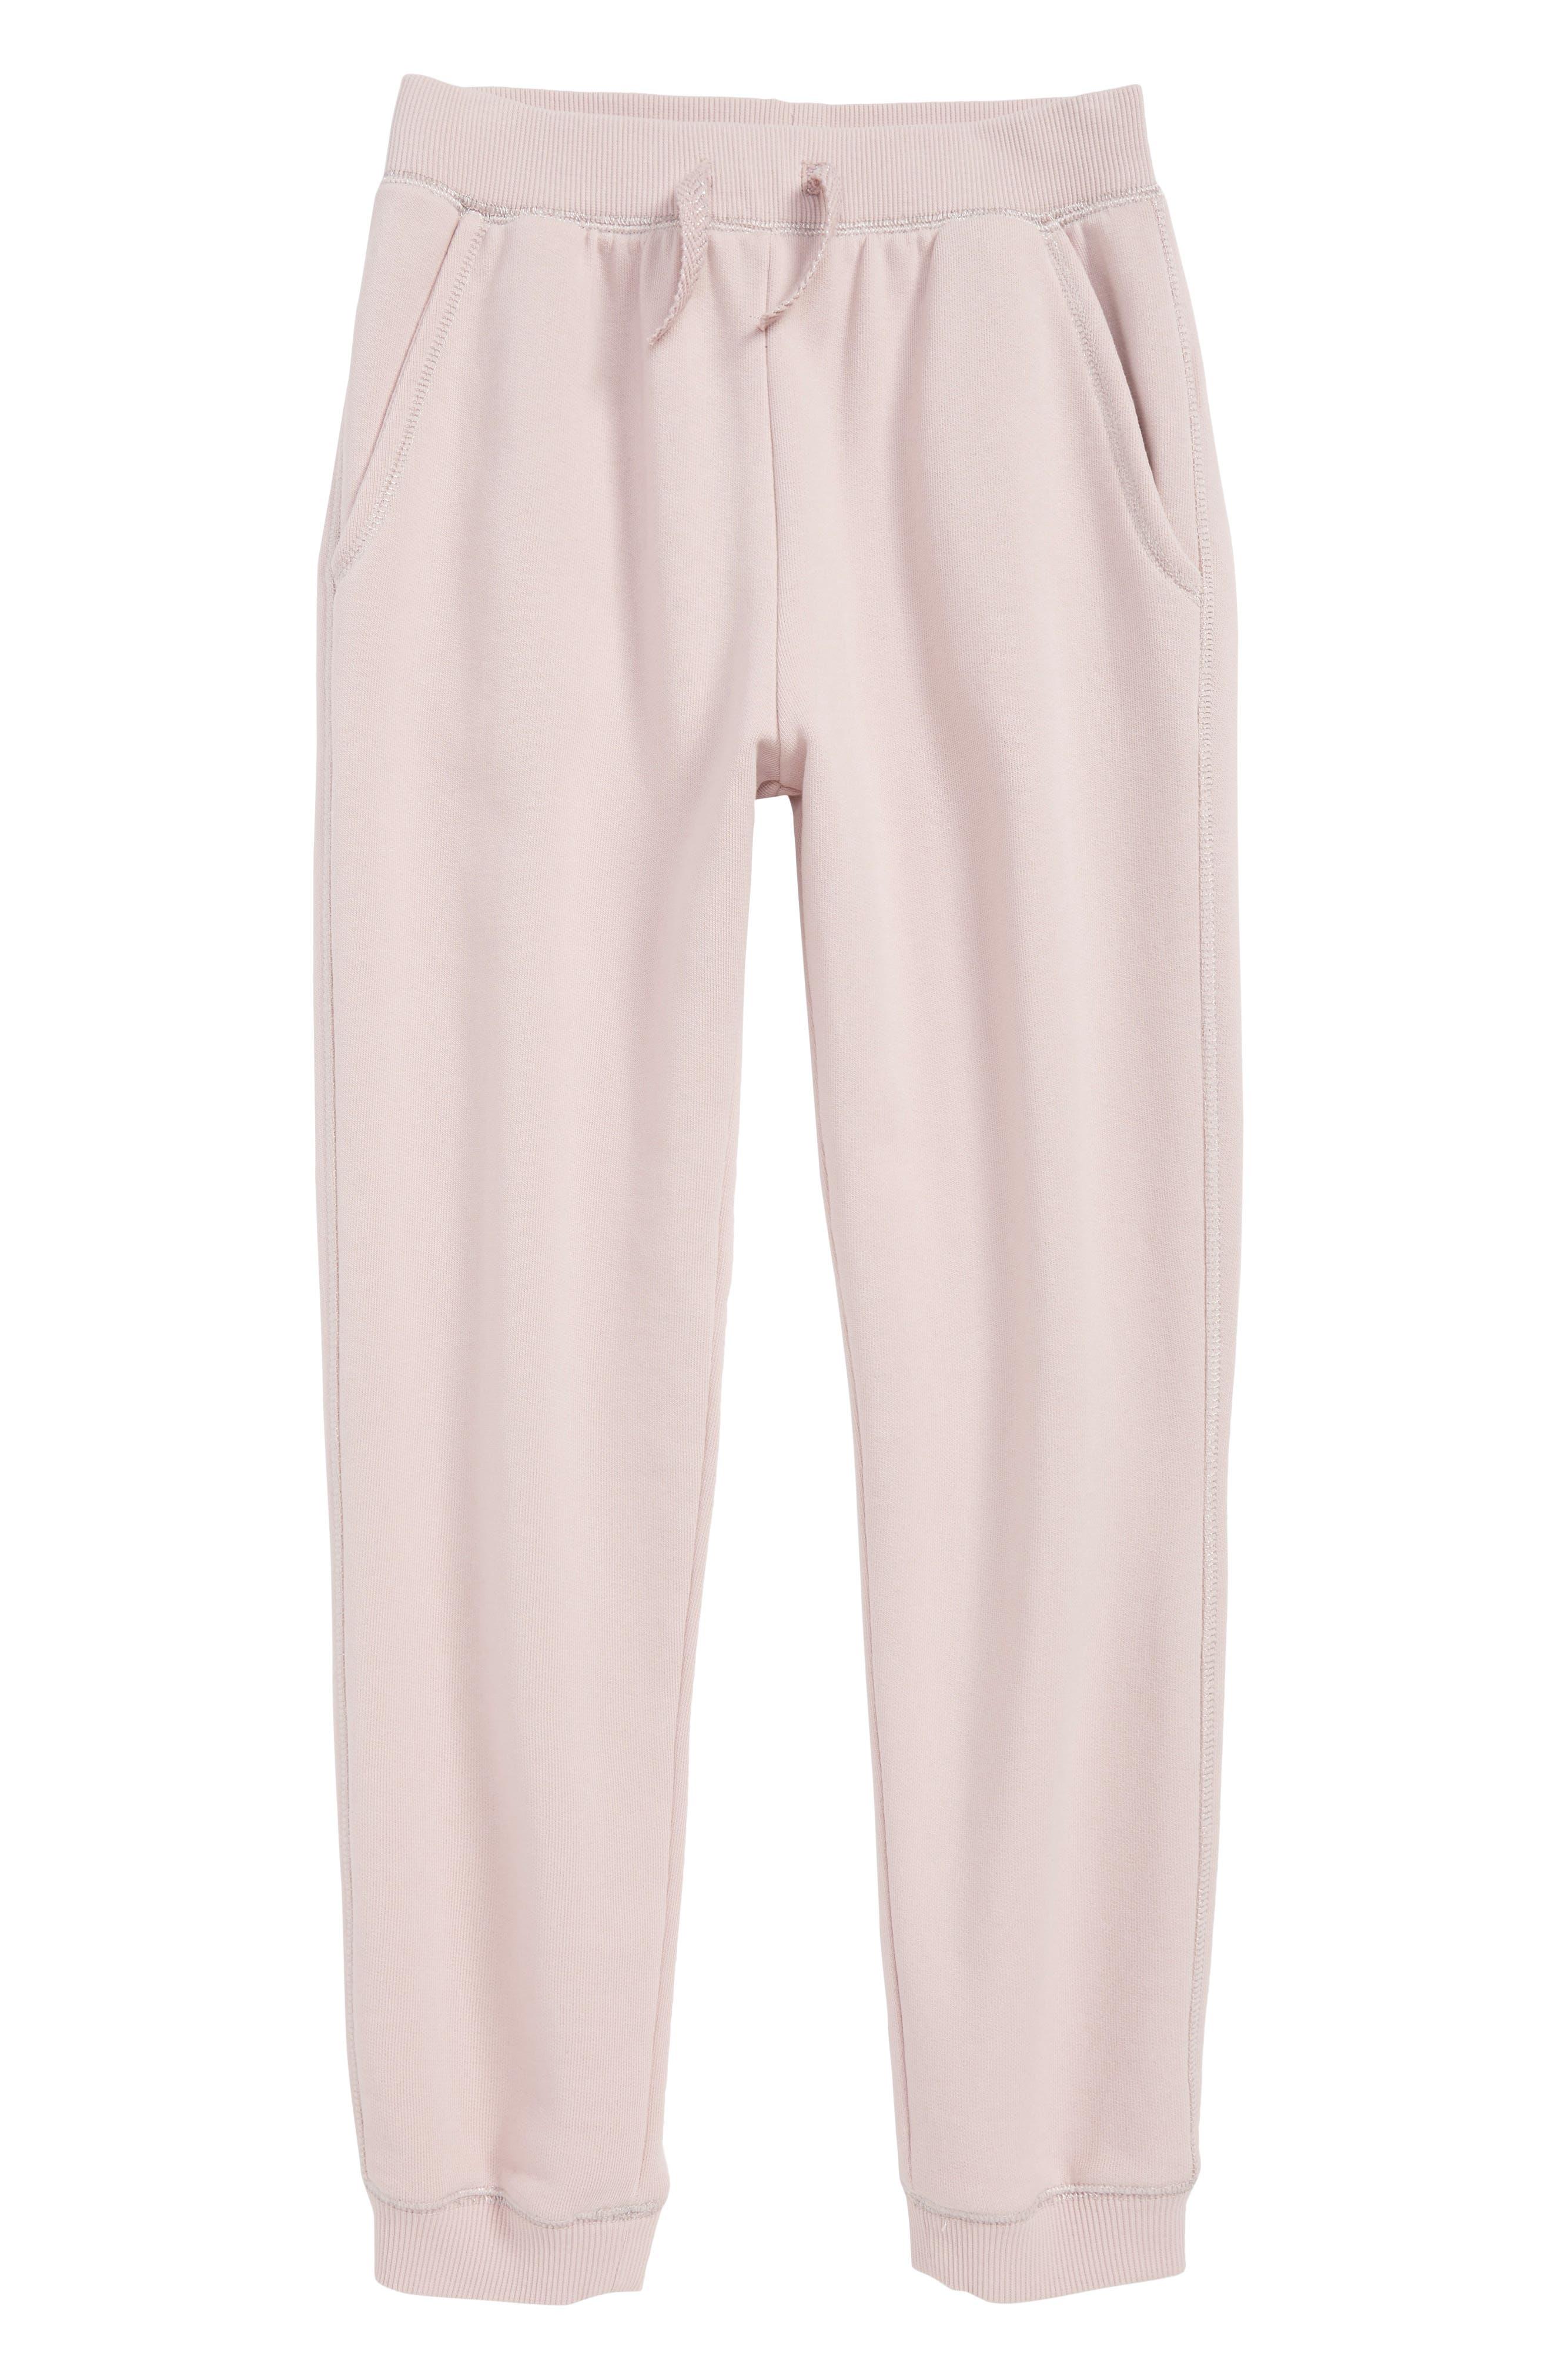 Millie Jogger Pants,                         Main,                         color, PALE PINK